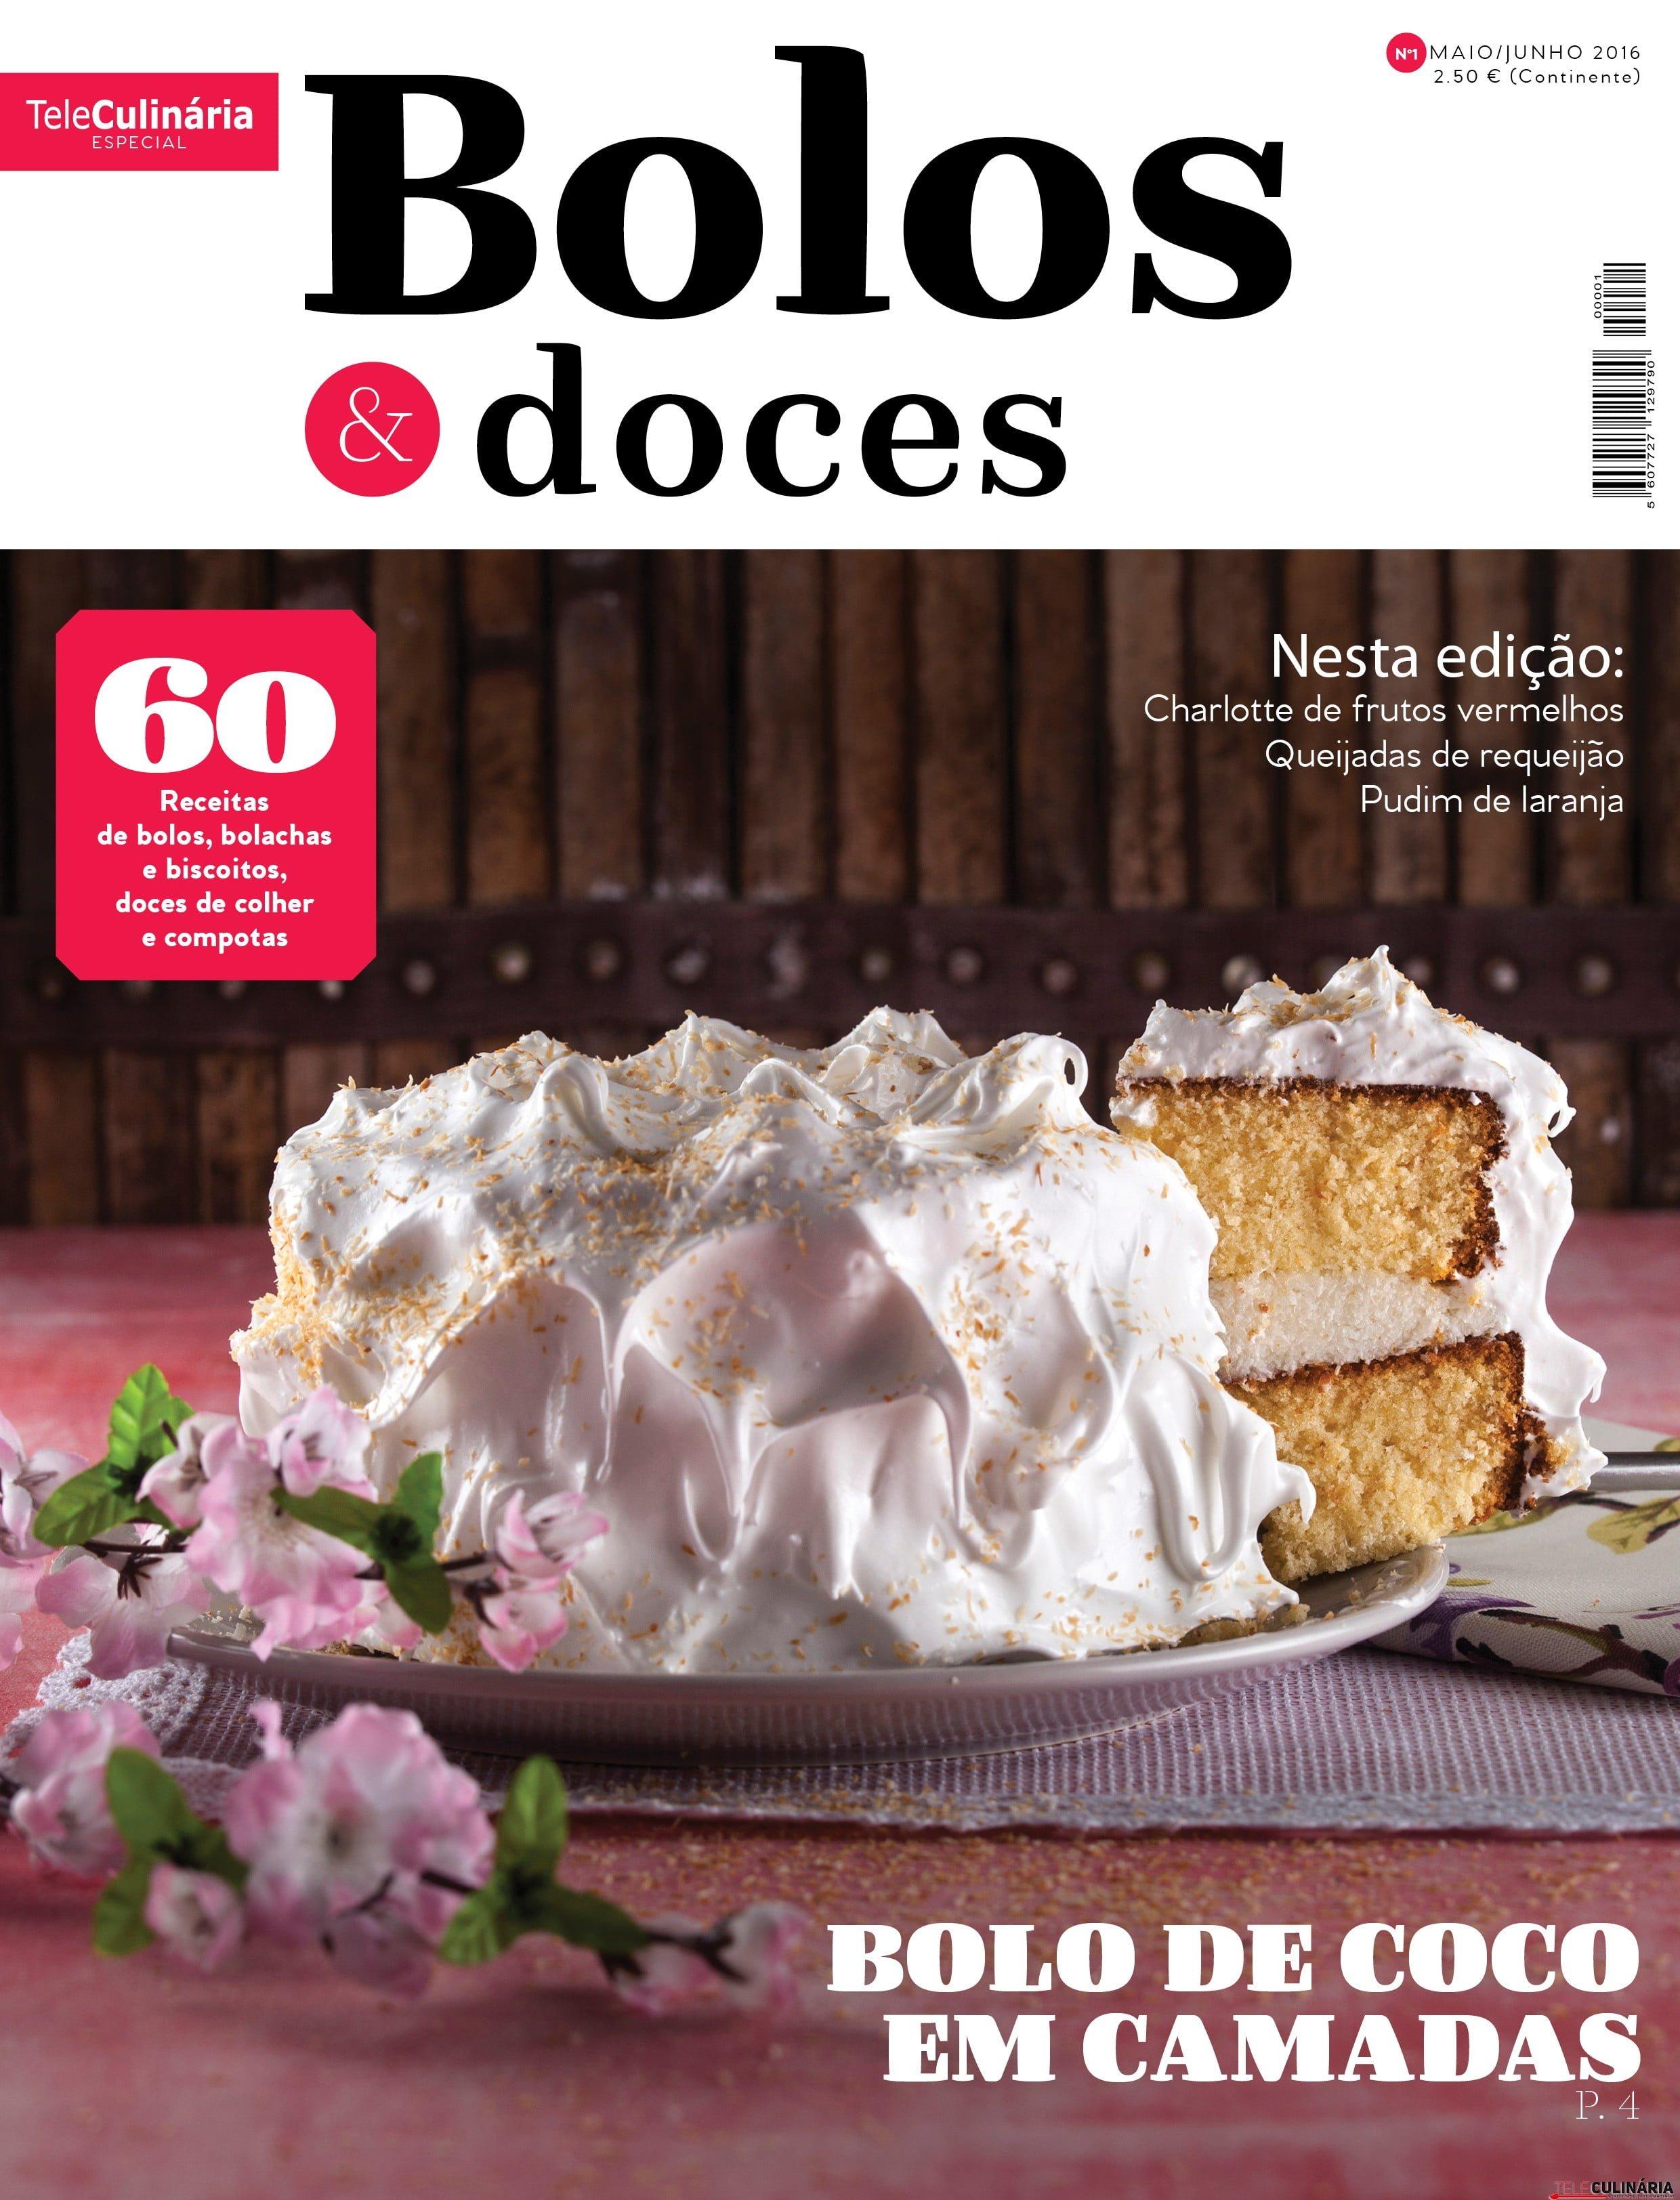 BOLOS E DOCES_1